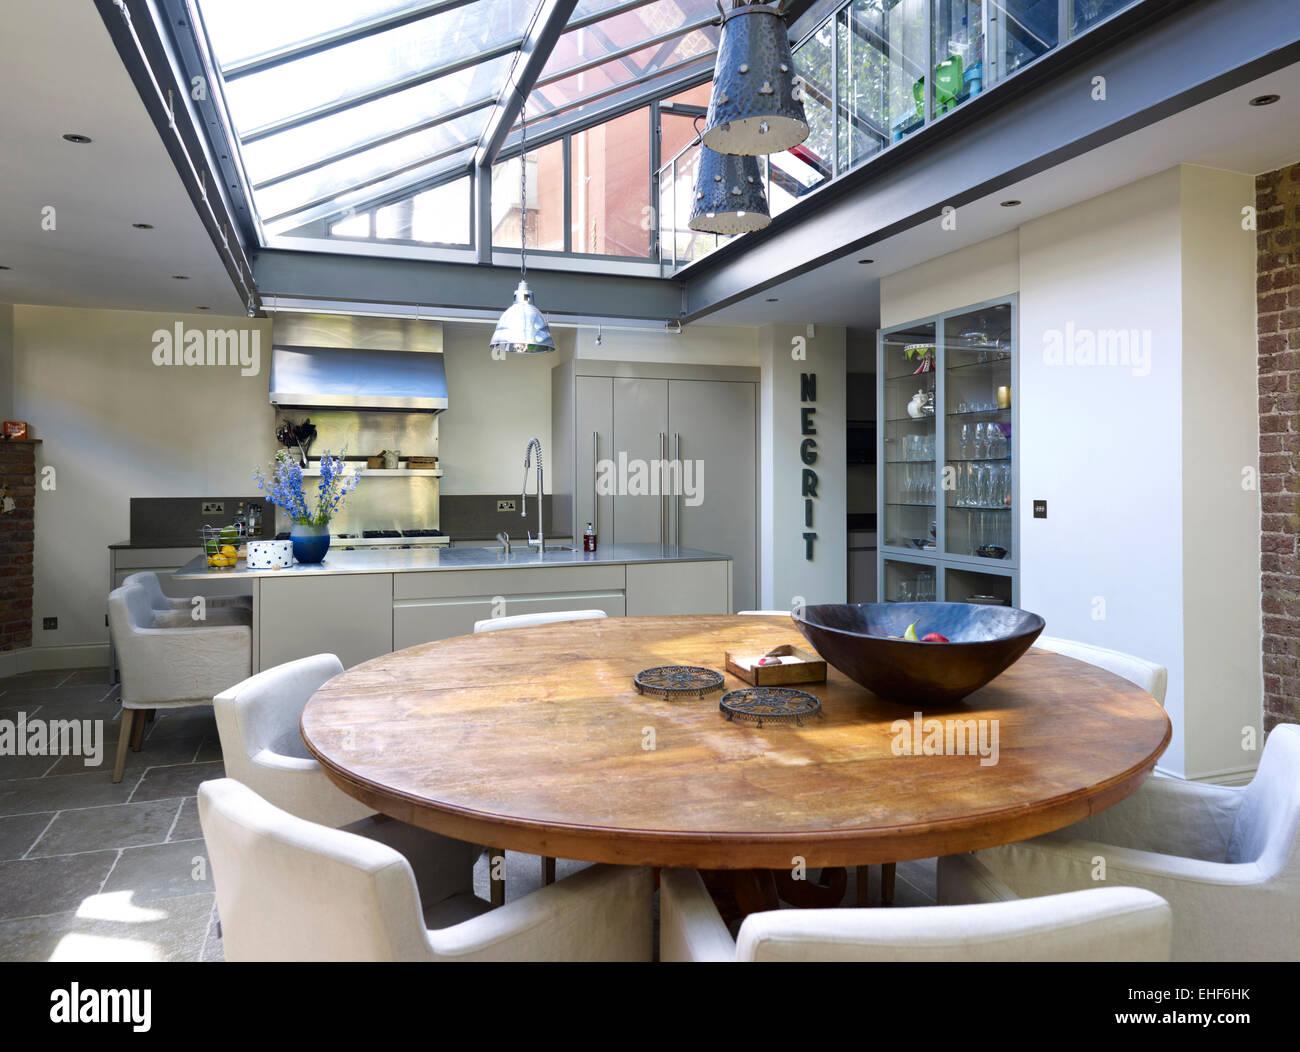 Mesa con sillas de madera redondo con el techo de cristal en la ...